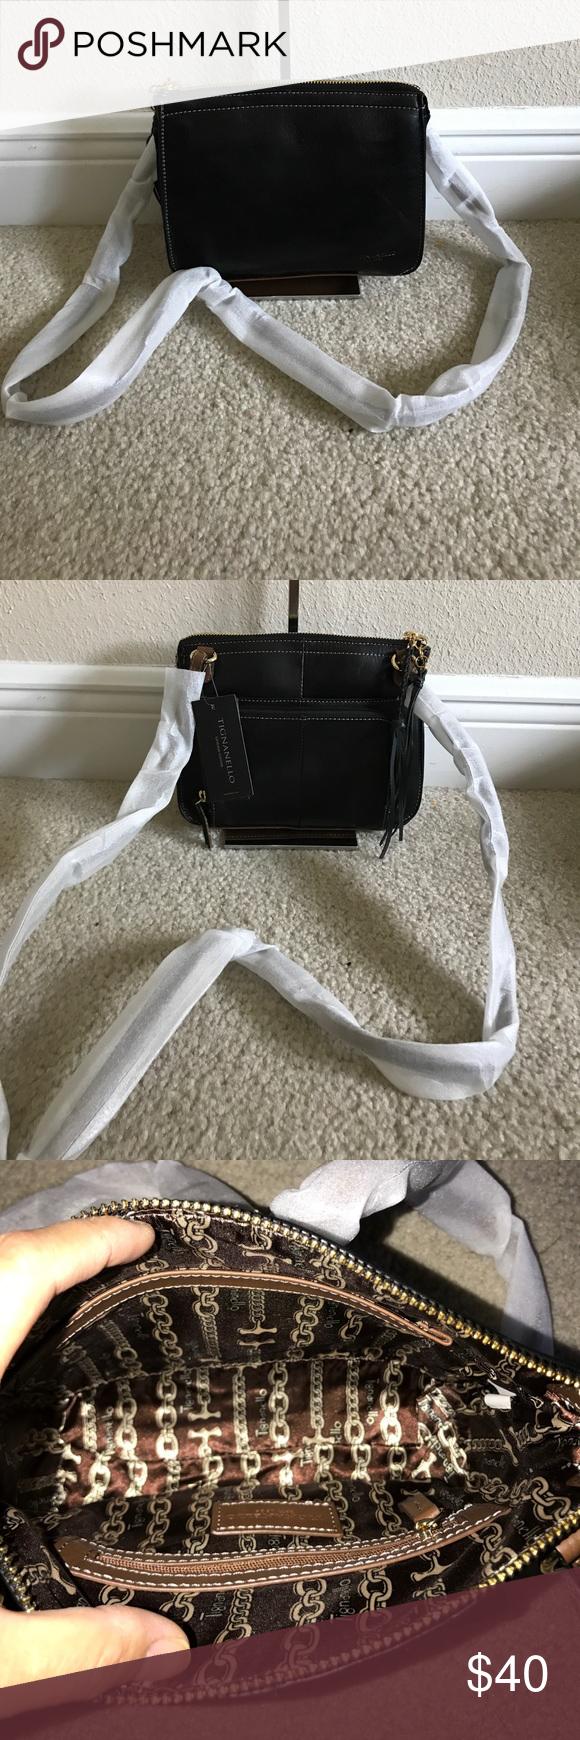 Tignanello Vintage Leather Crossbody Carson